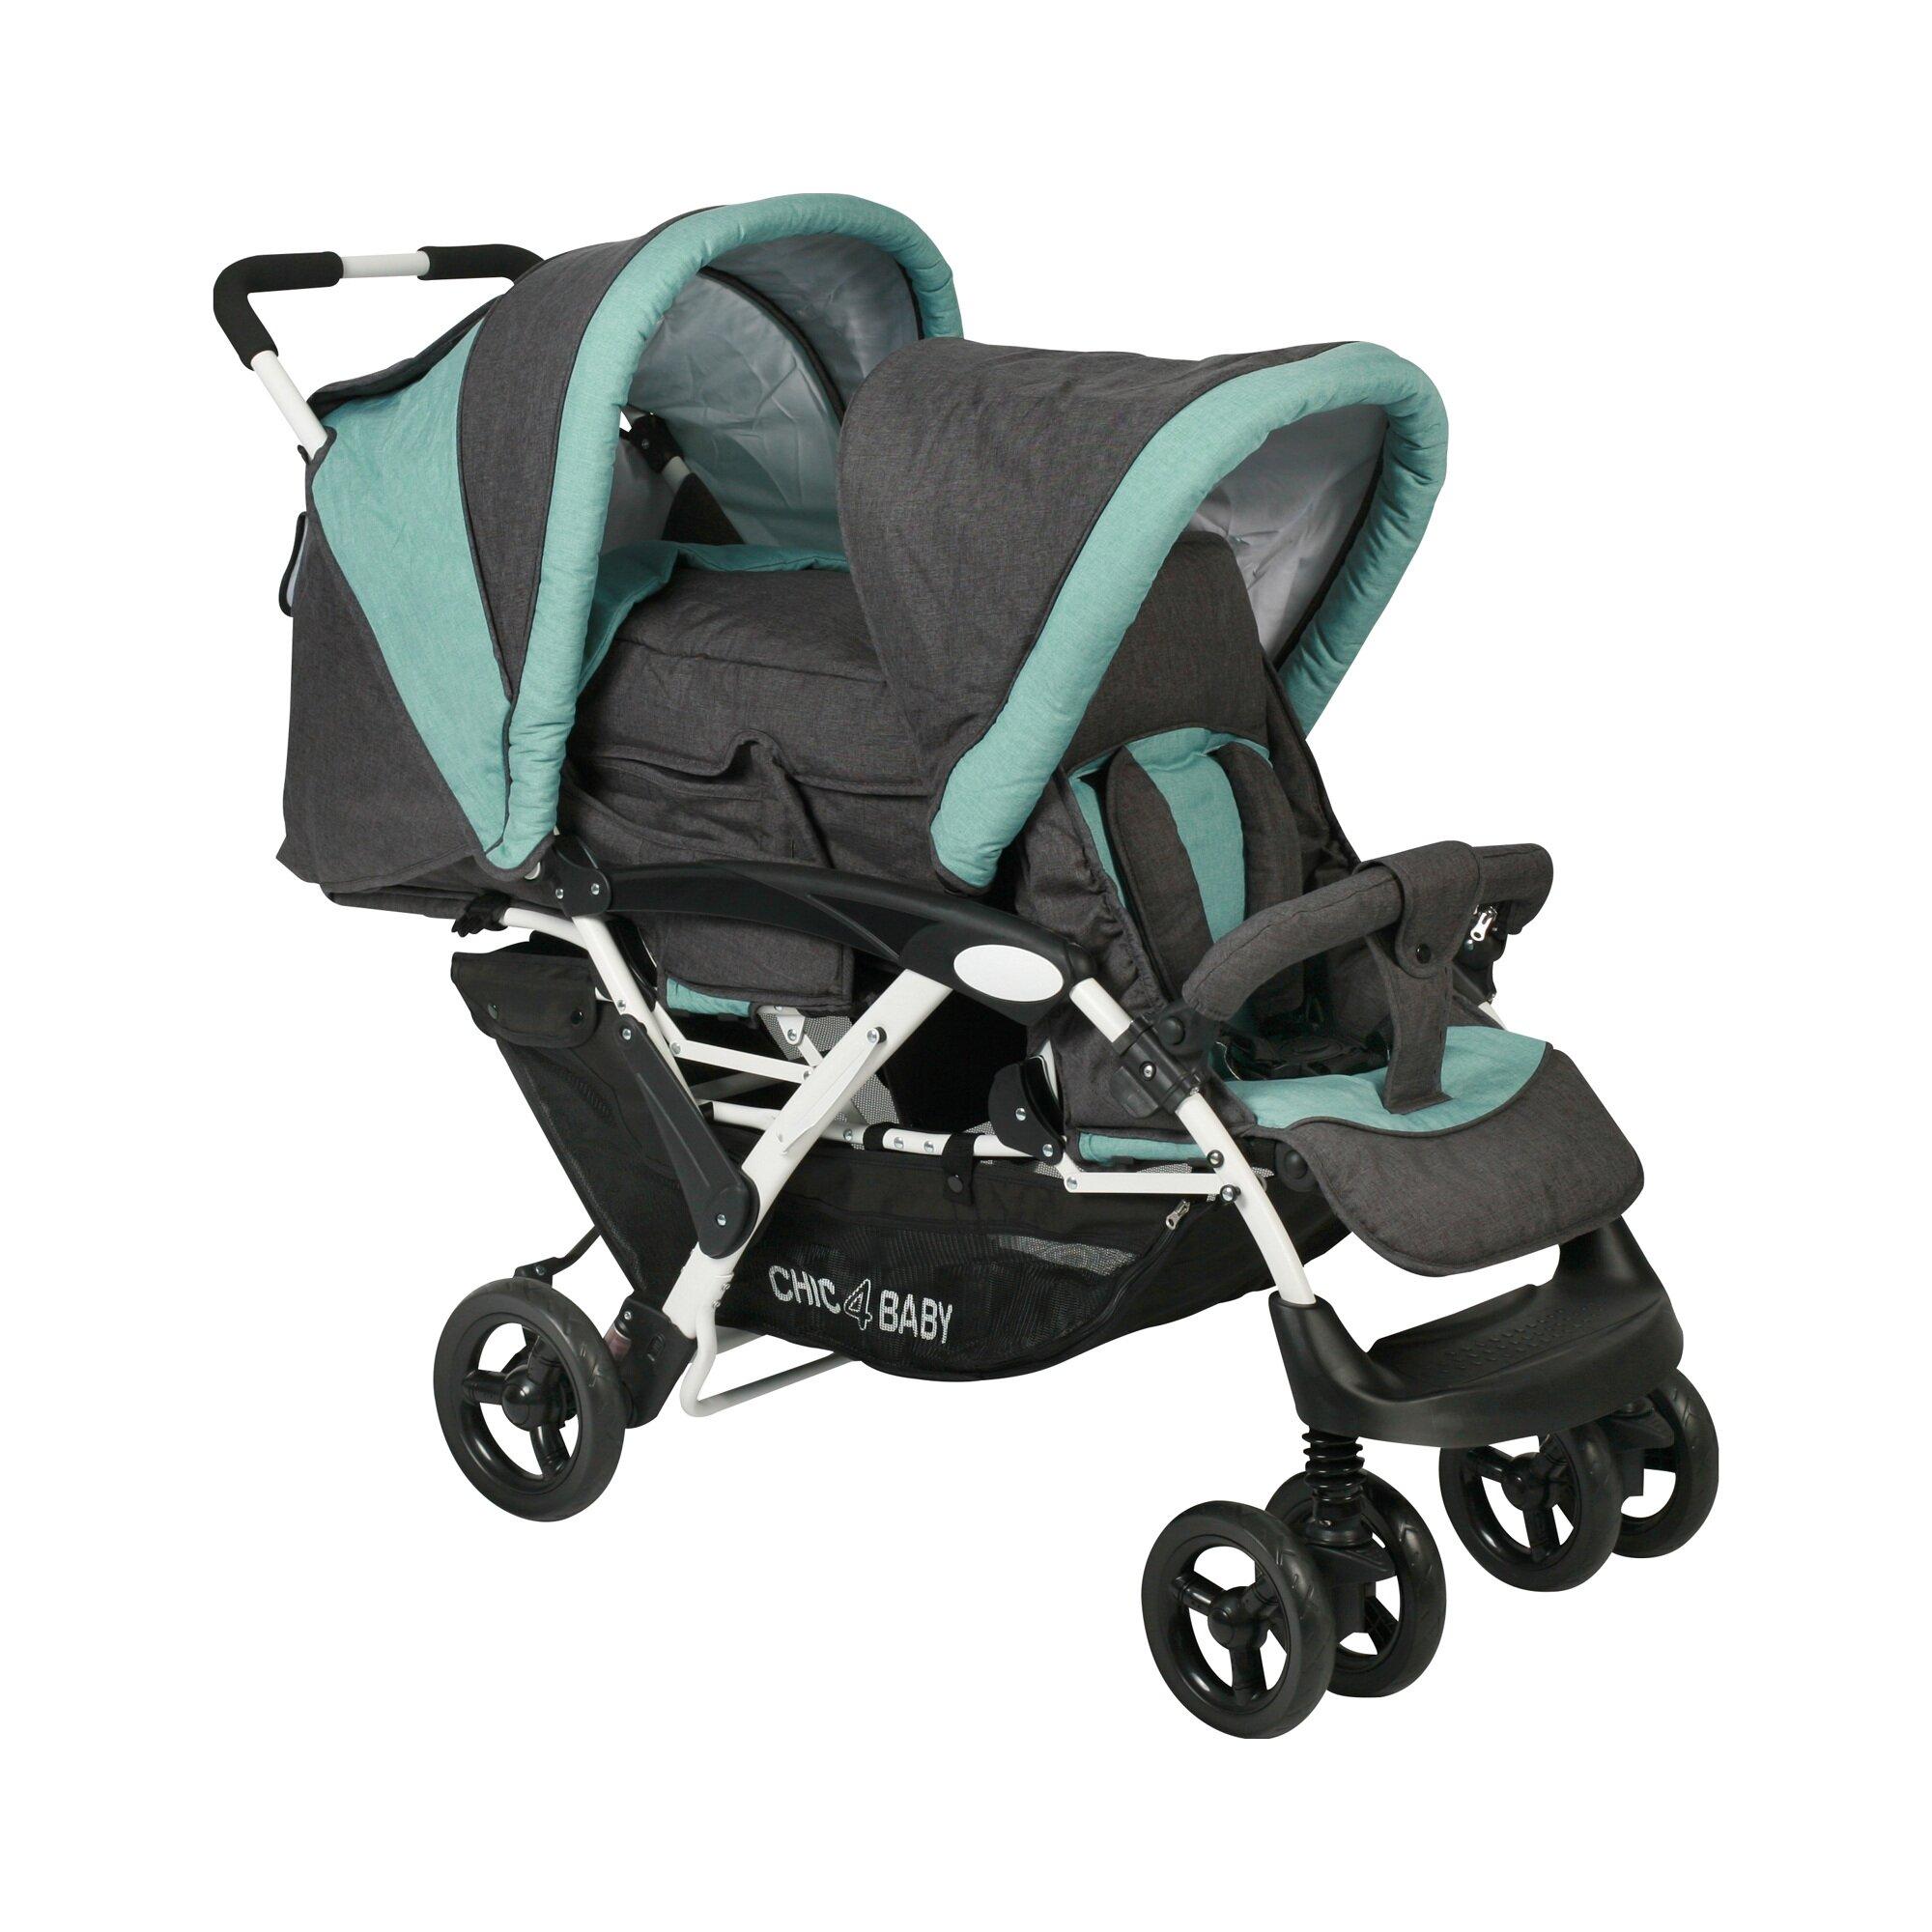 Chic 4 Baby Duo Zwillings- und Kinderwagen Geschwisterwagen grau